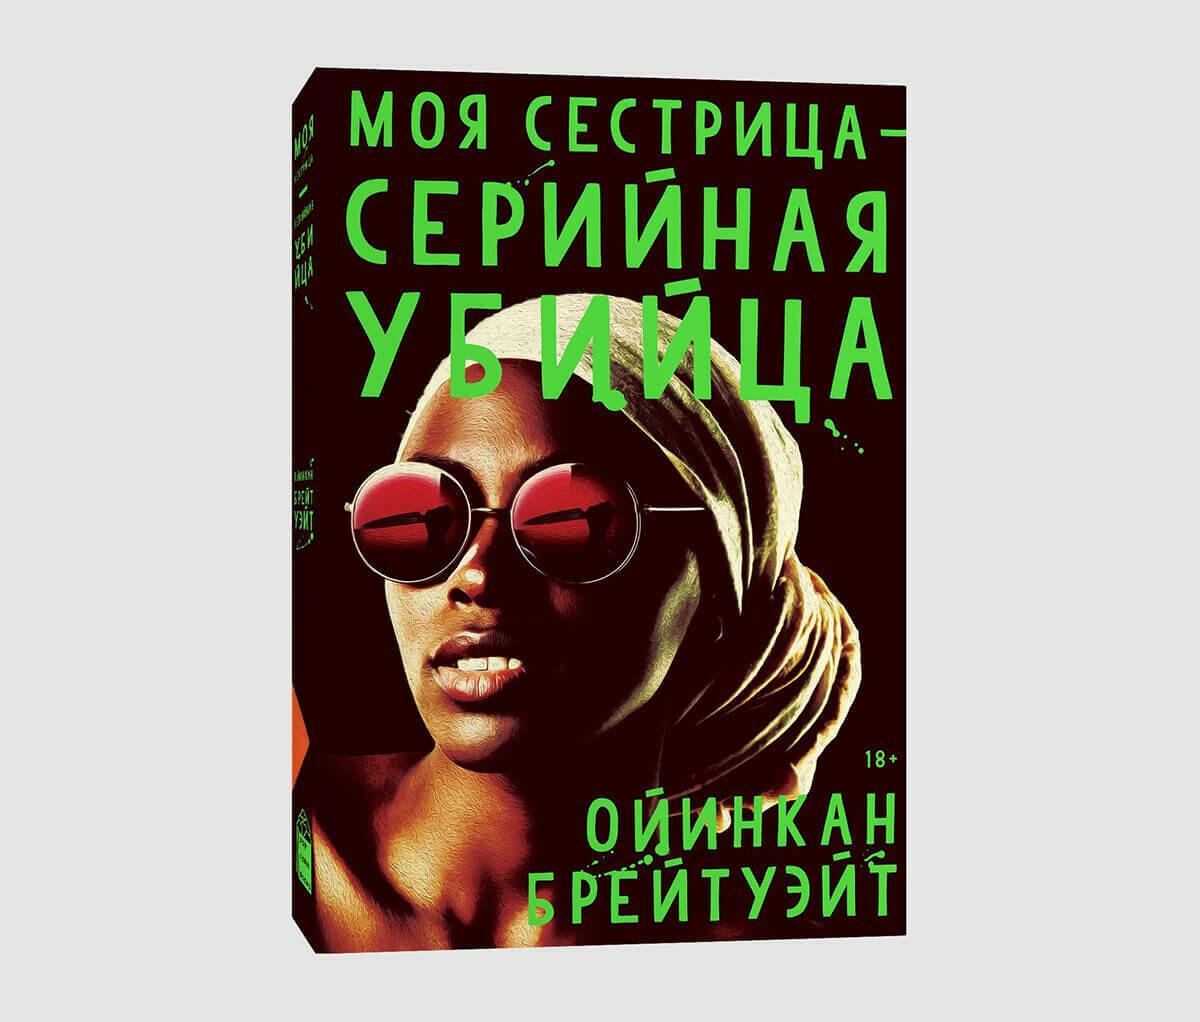 Книга «Моя сестрица — серийная убийца» Ойинкан Брейтуэйт